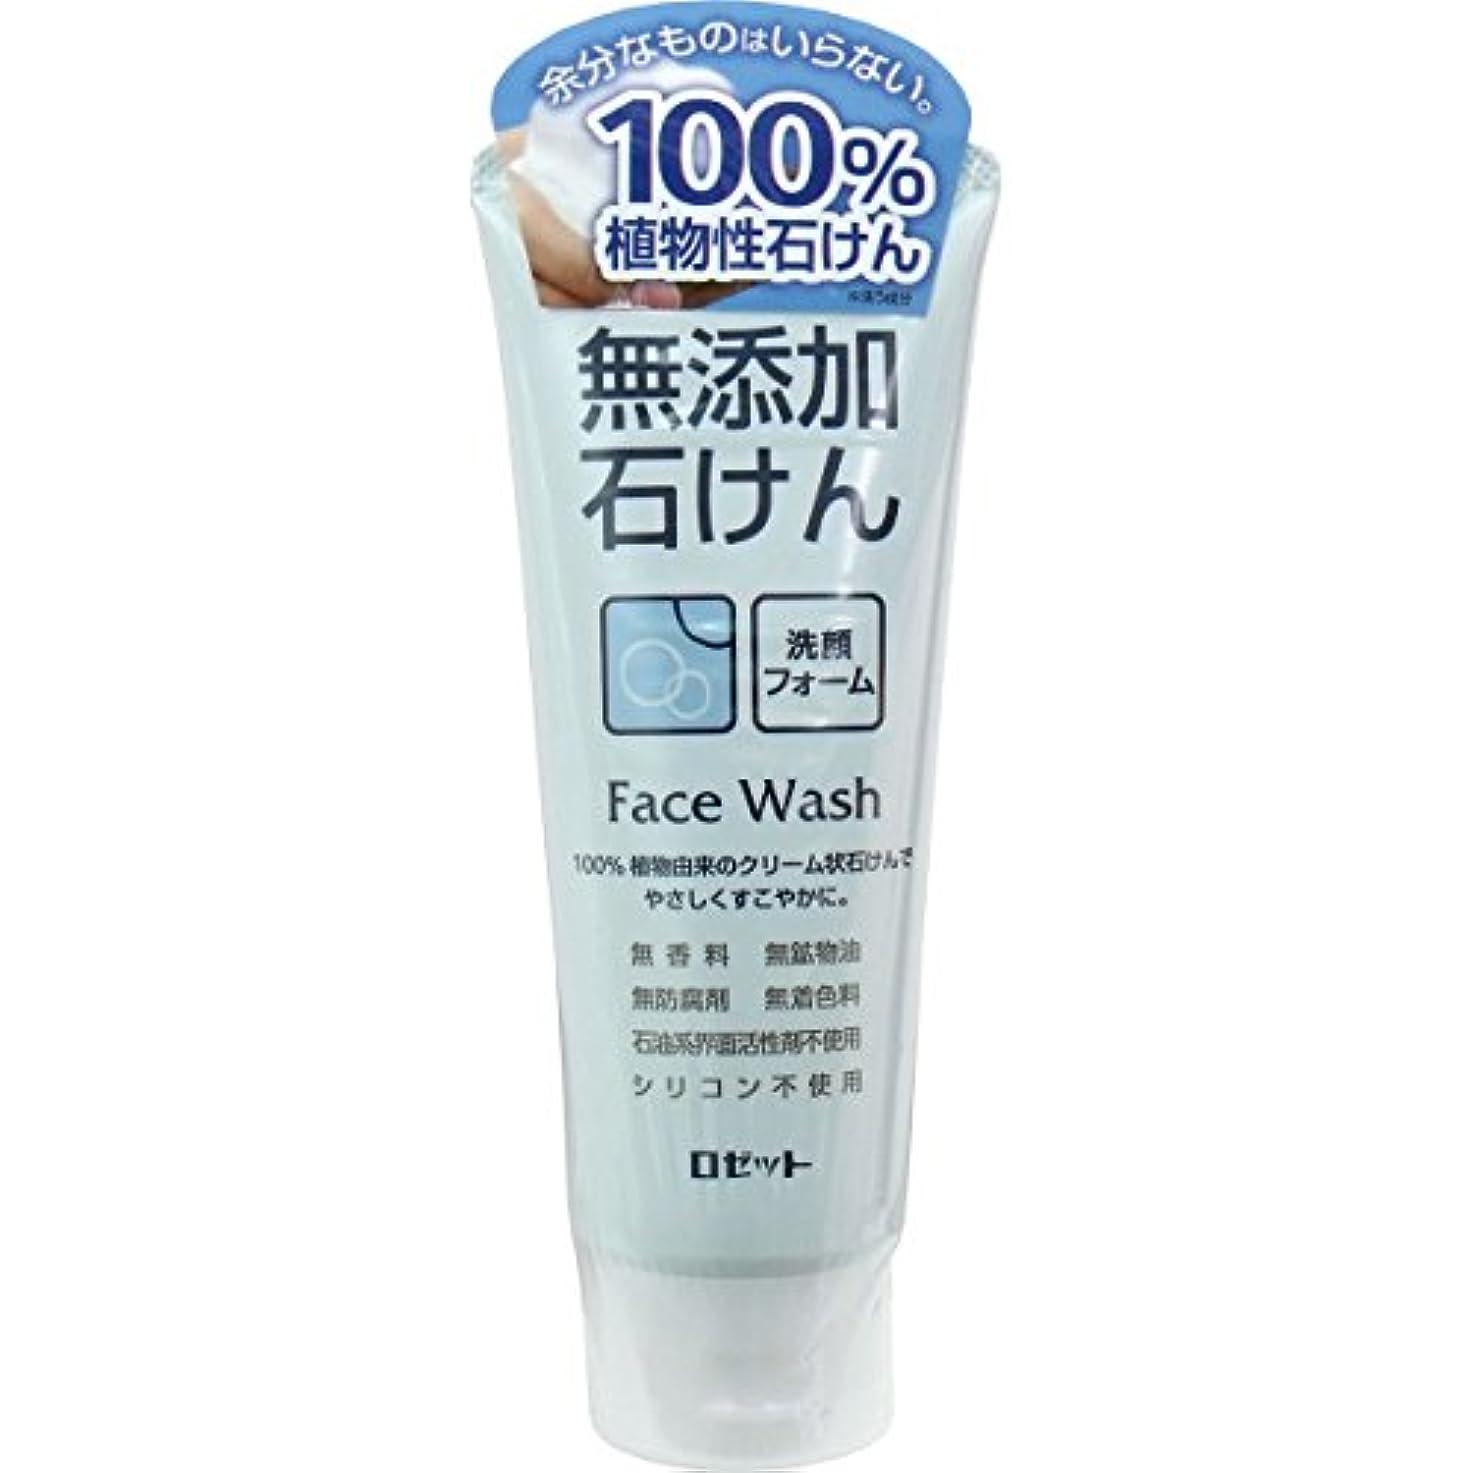 ブラストに慣れ人口【ロゼット】無添加石けん 洗顔フォーム 140g ×20個セット